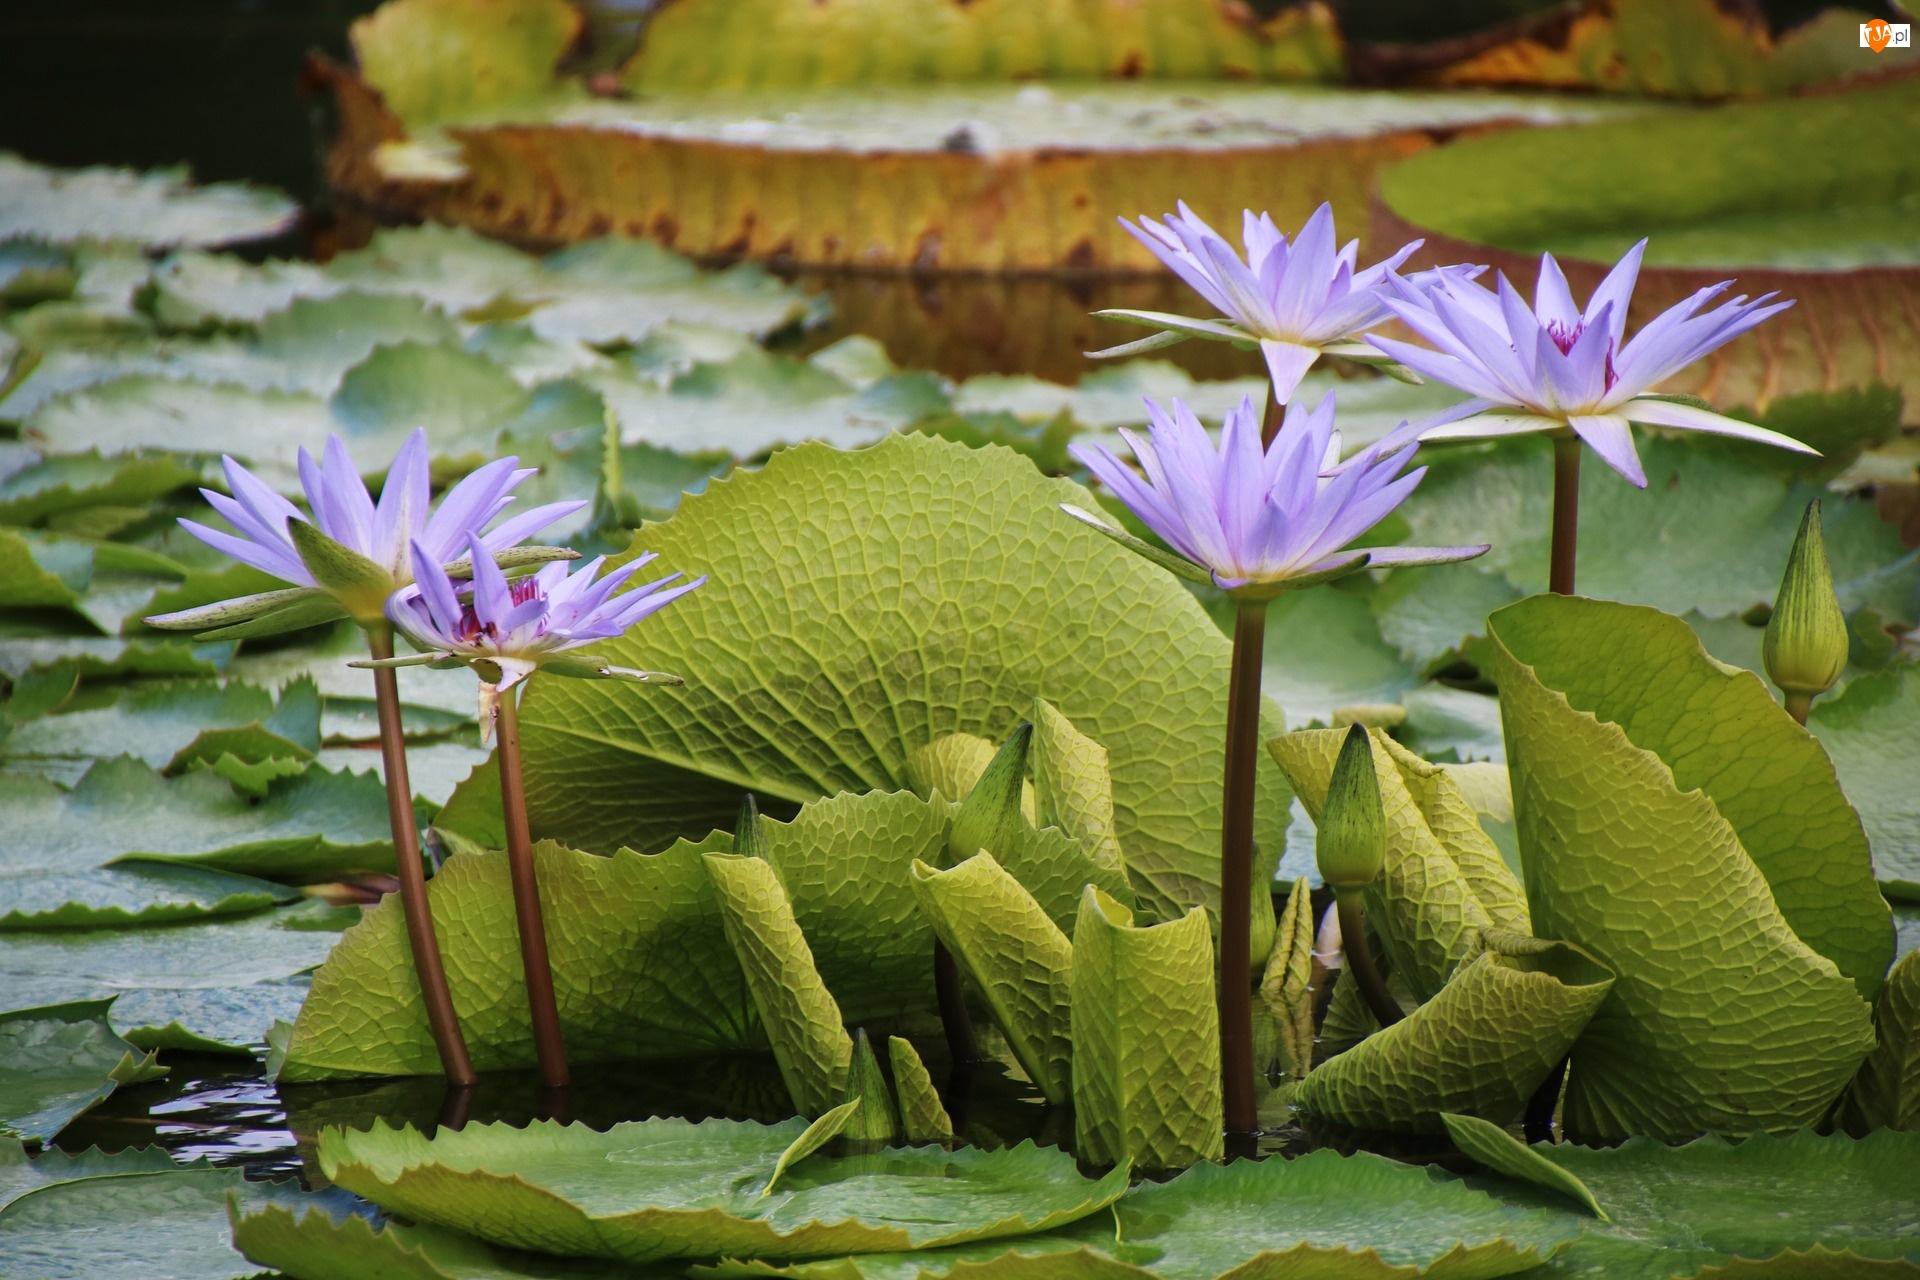 Lilie wodne, Liście, Niebieskie, Kwiaty, Grzybienie